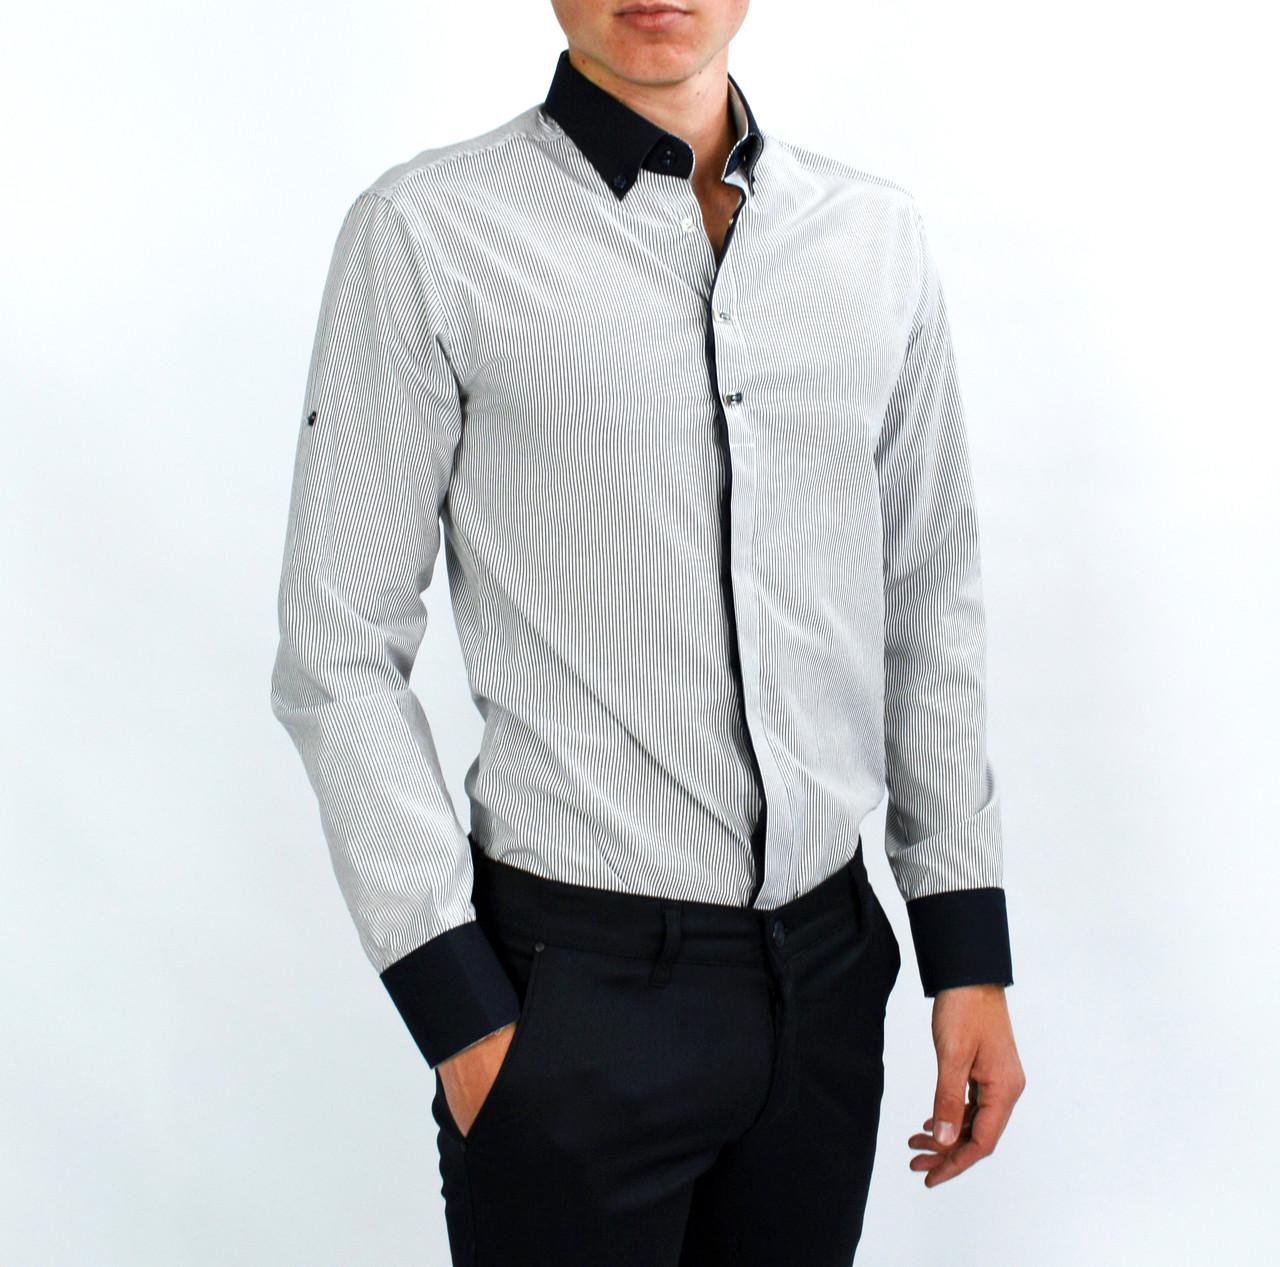 6be8b7ecccc Белая в полоску мужская рубашка классическая KLASOY  продажа